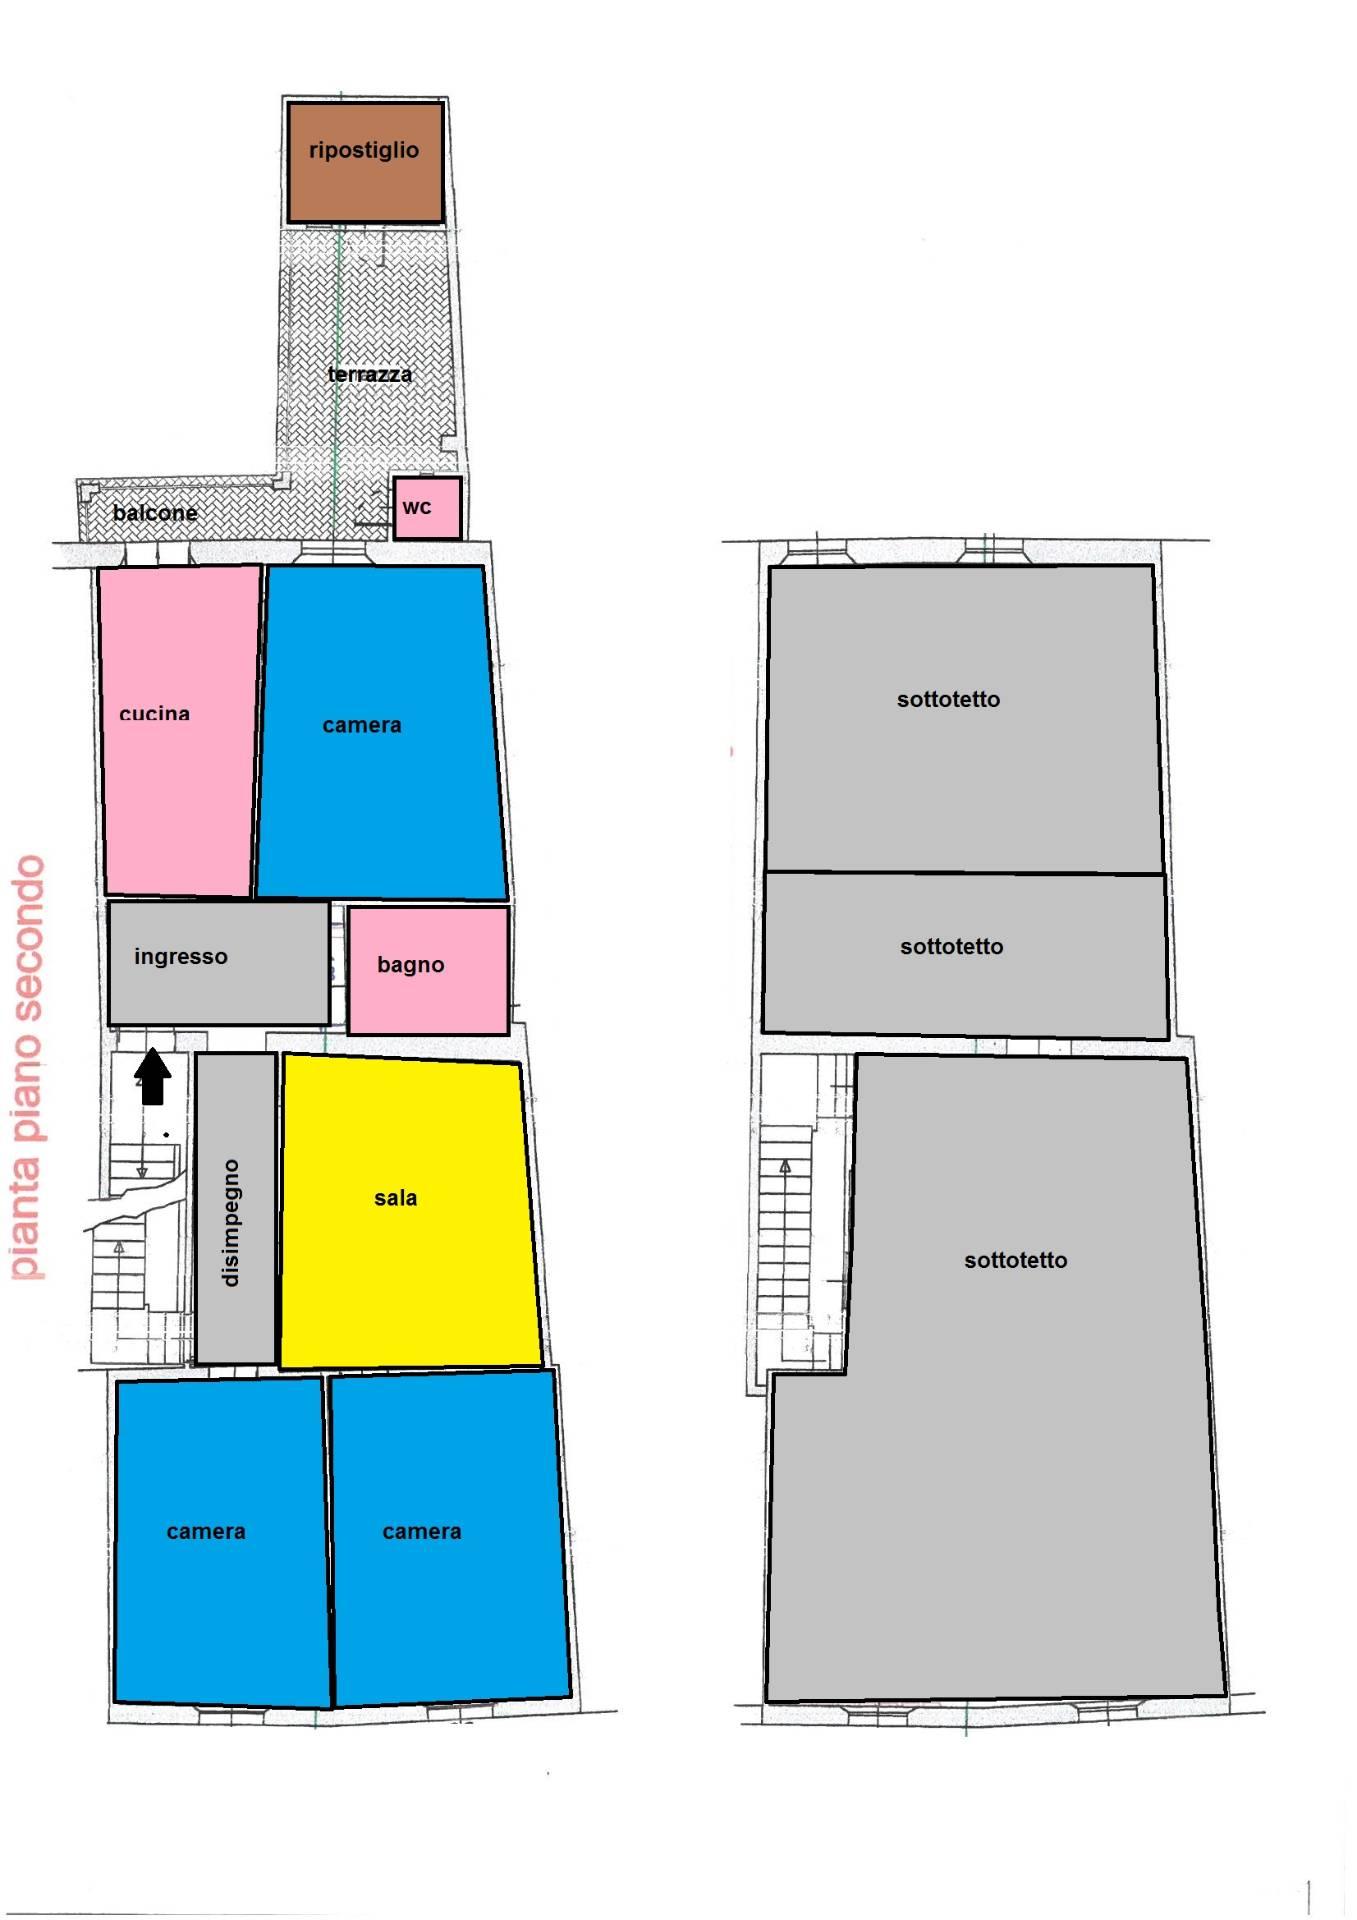 Appartamento in affitto a Cascina, 5 locali, zona Località: Centro, prezzo € 600 | CambioCasa.it